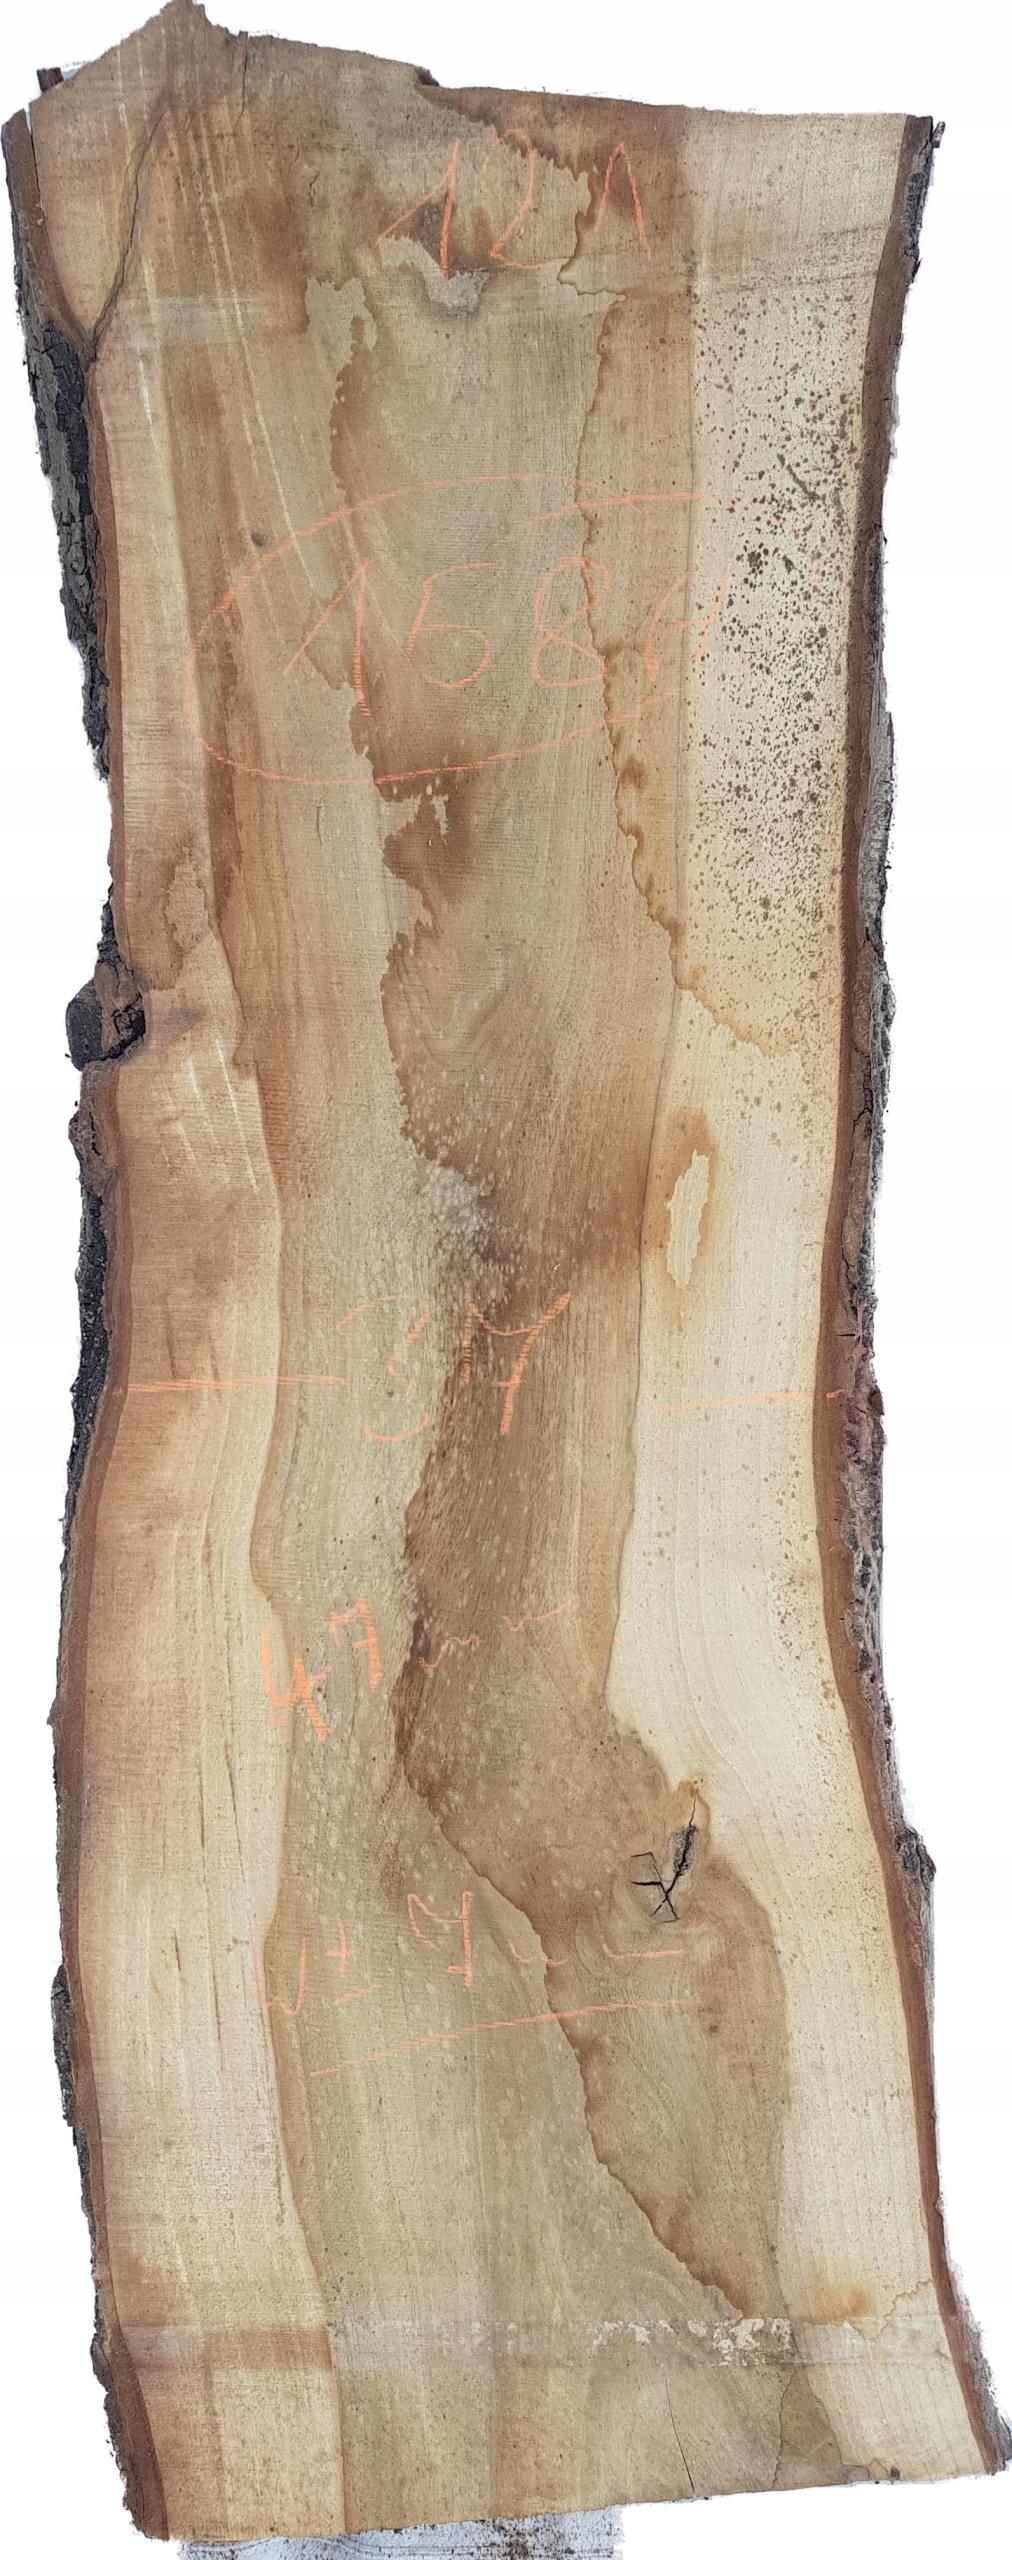 доска обрезная из орехового дерева 1210/370/47 n158